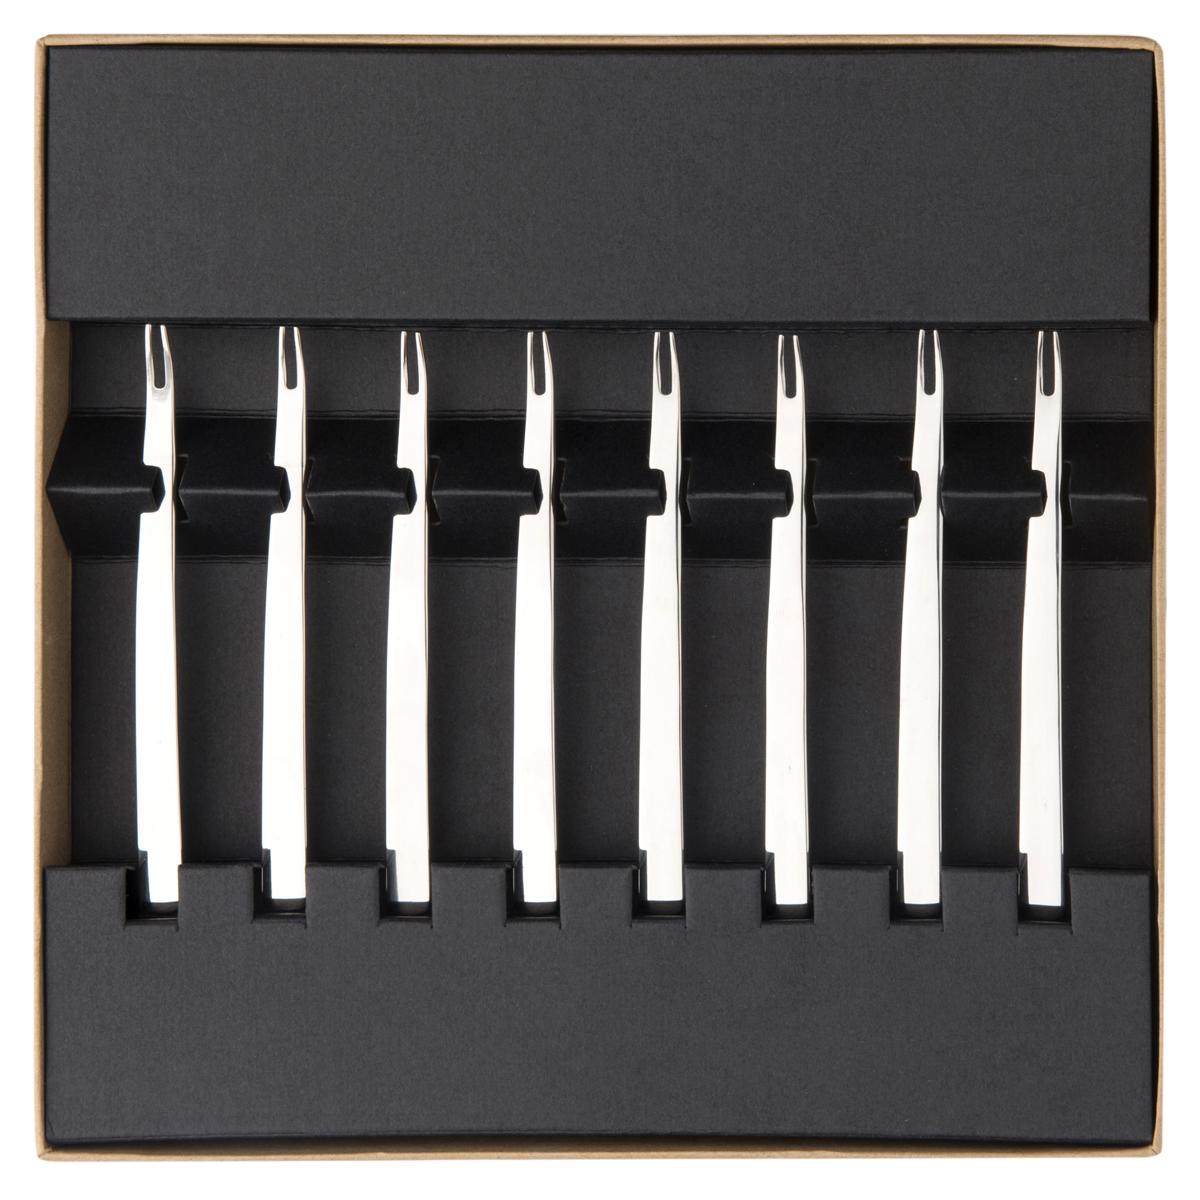 modulo miroir coffret 6 curettes a crustaces couverts de table la table parisienne. Black Bedroom Furniture Sets. Home Design Ideas